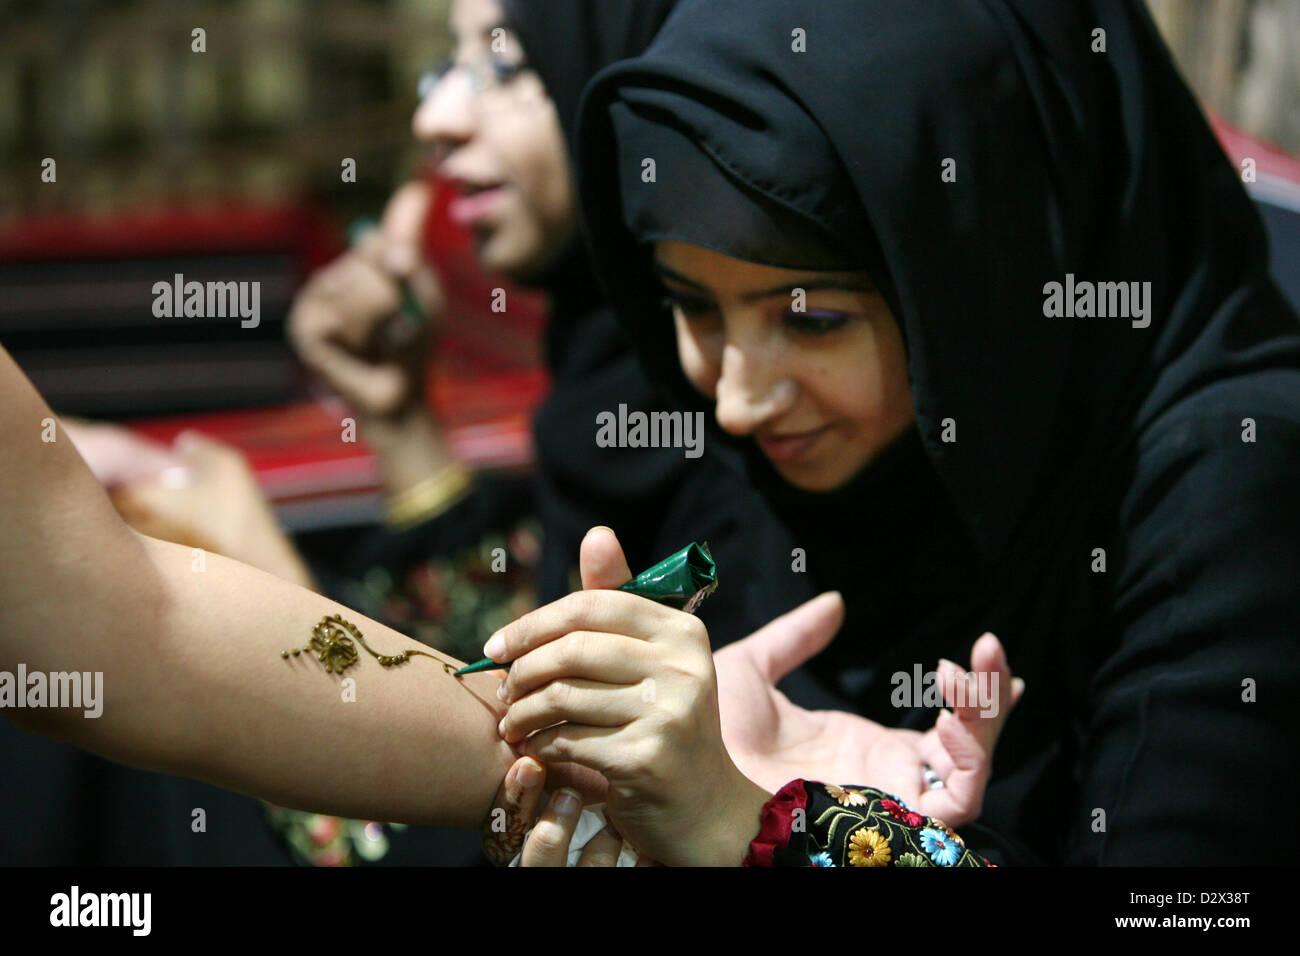 Arab Dating at